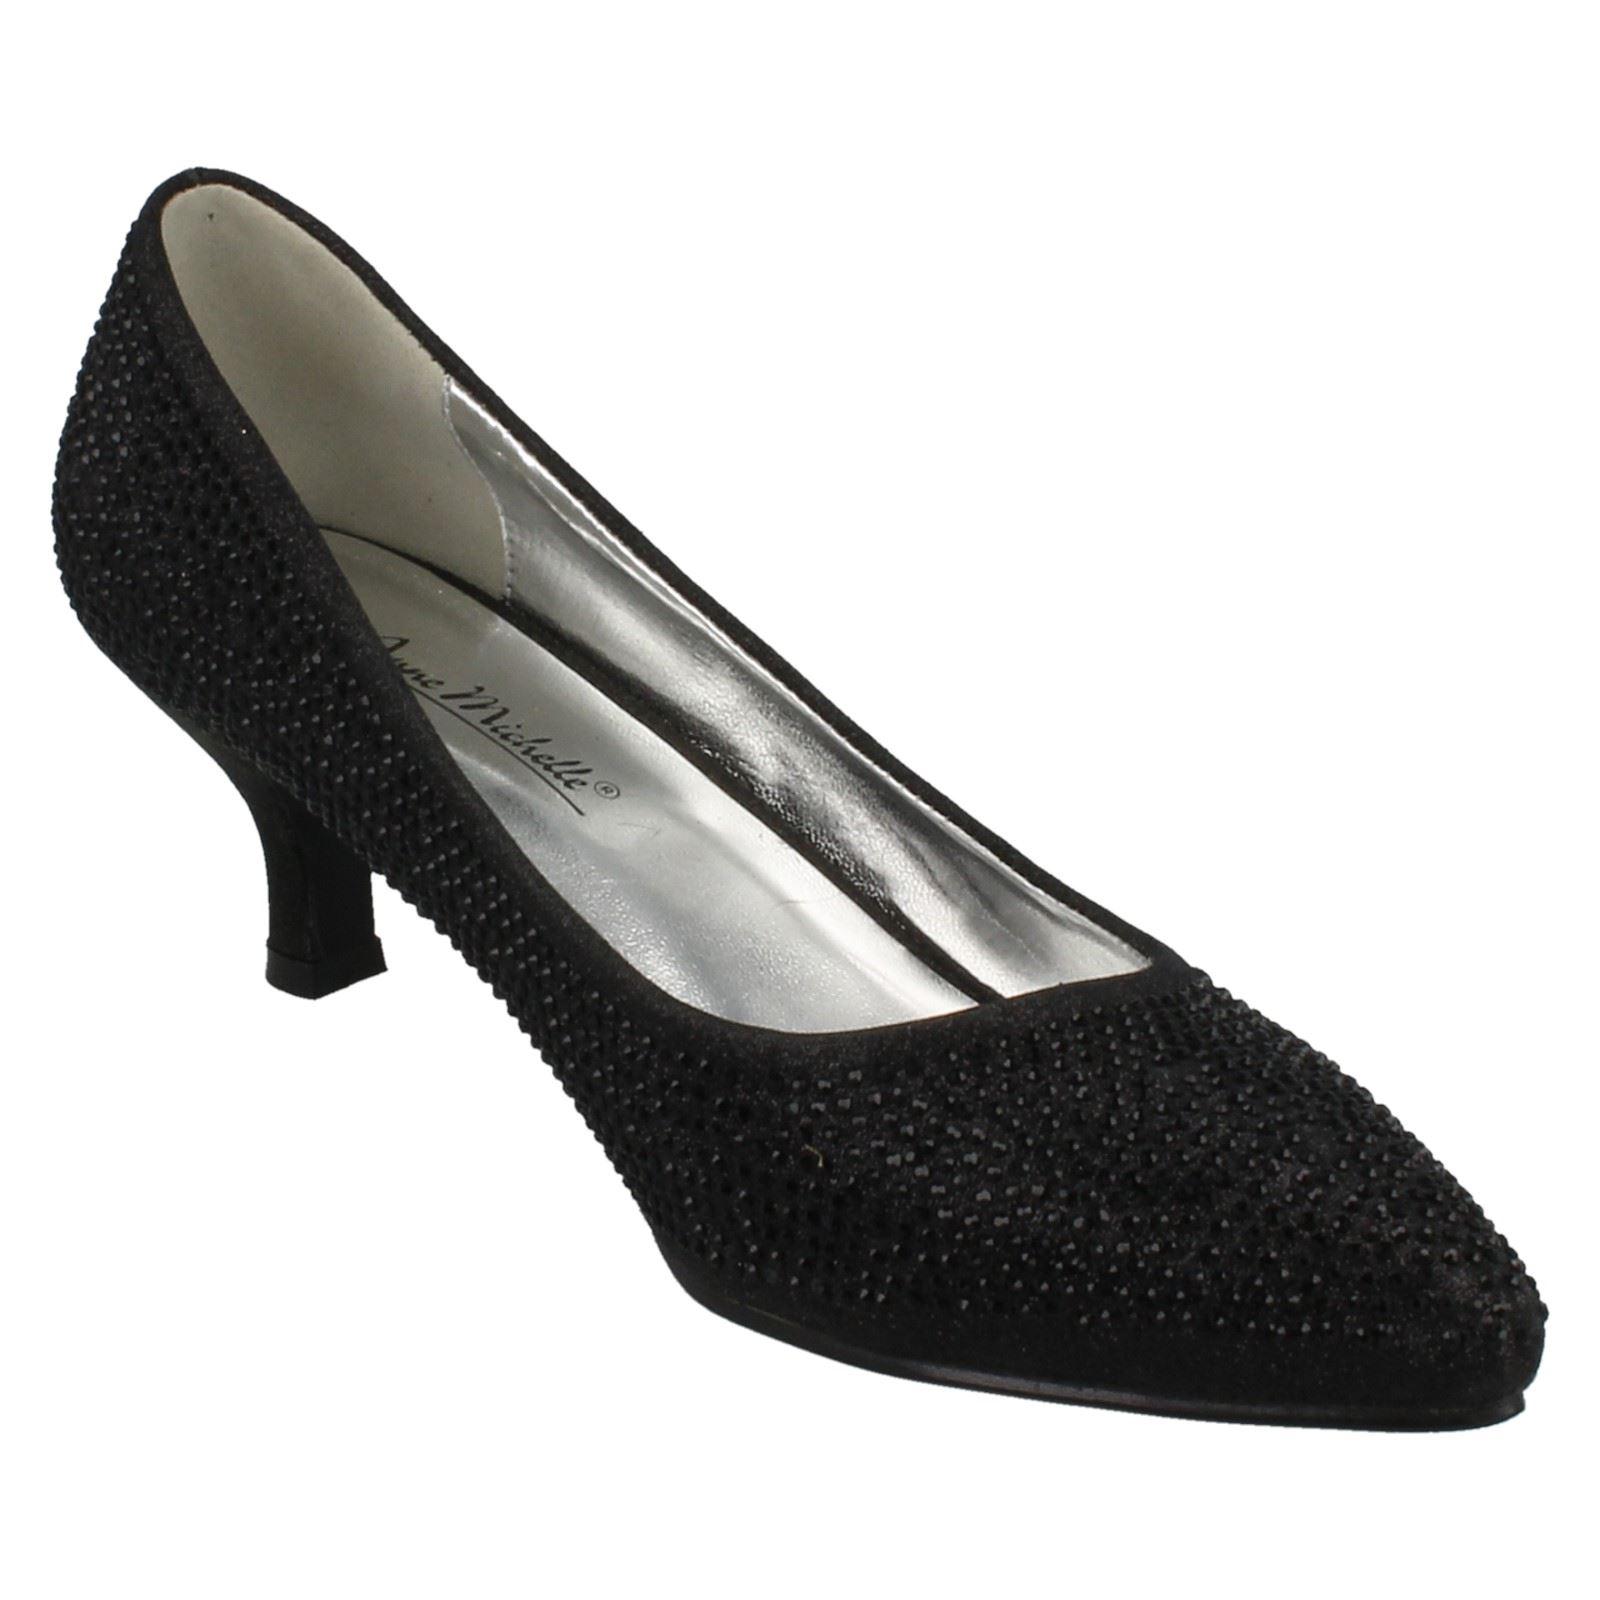 Ladies-Anne-Michelle-Diamante-Low-Heel-Court-Shoes thumbnail 6